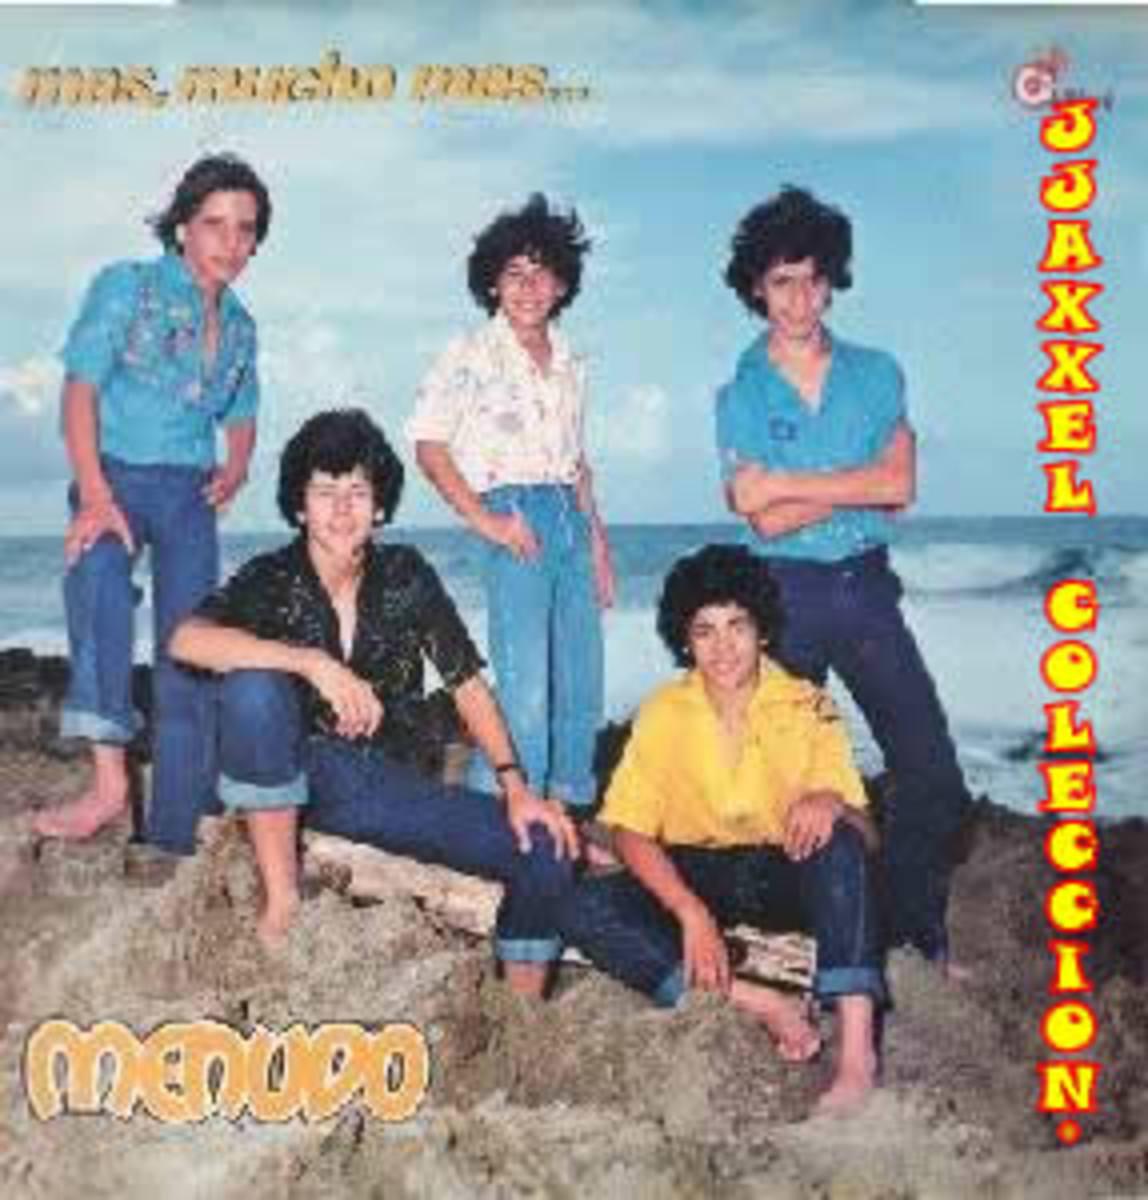 """Menudo's 1979 album """"Mas Mucho Mas"""" (More Much More)."""